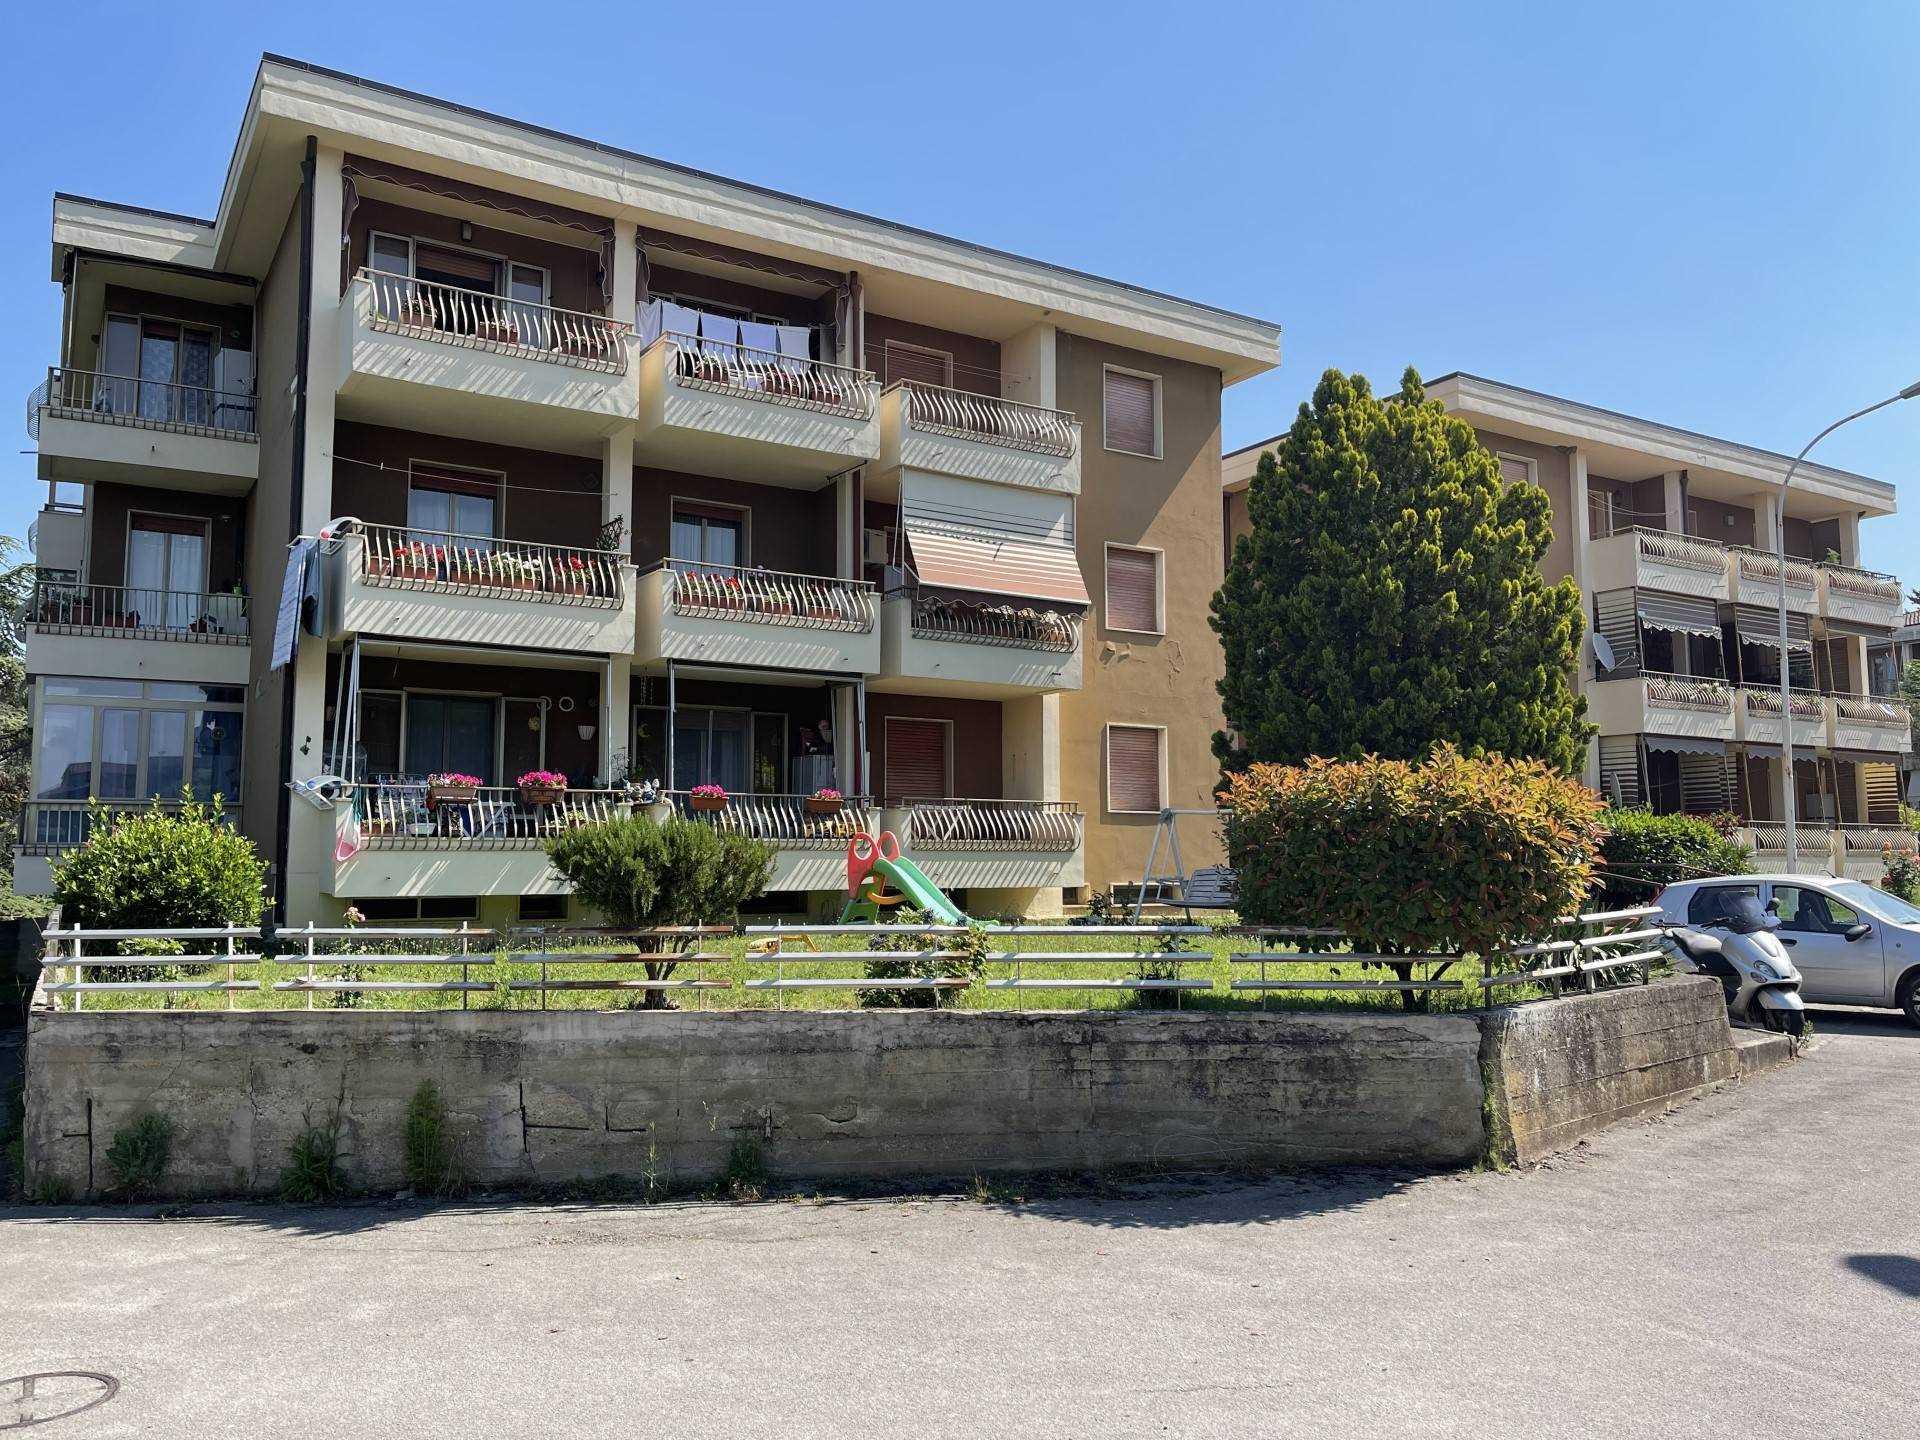 Nel contesto residenziale di Monteaperti, al secondo piano di un edificio condominiale in ottimo stato di manutenzione con tetto rifatto nel 2019,